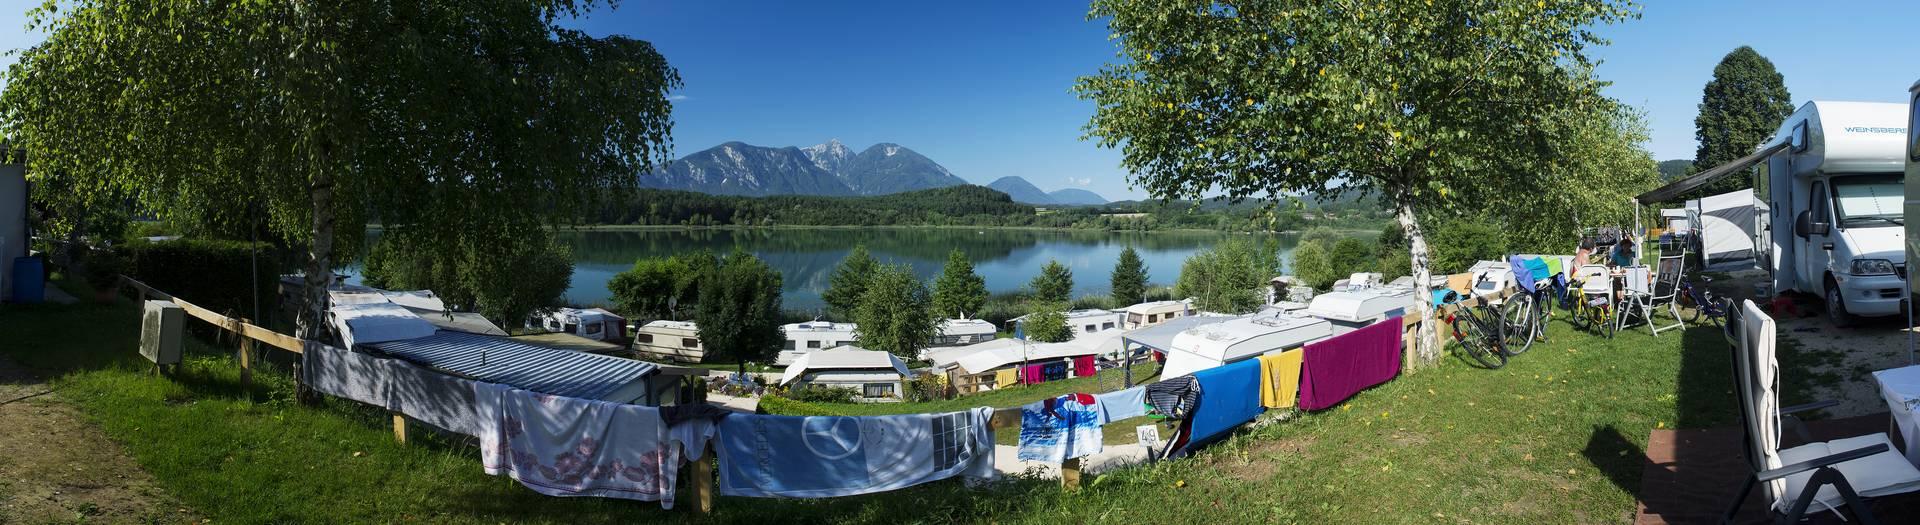 Camping in Kärnten